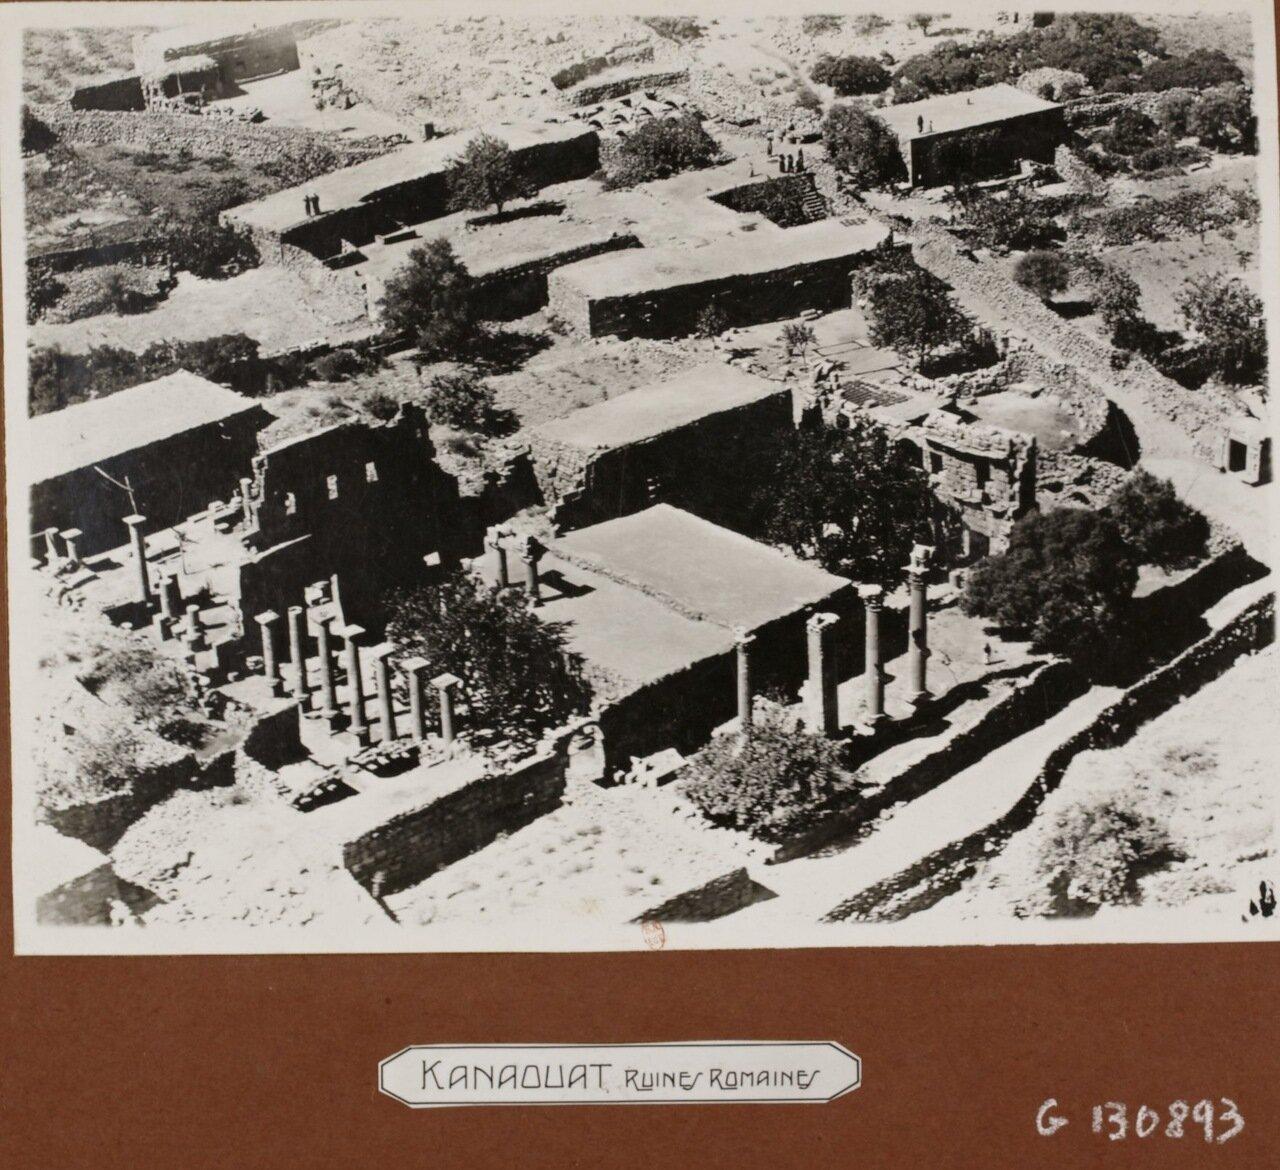 Канауат. Римские руины